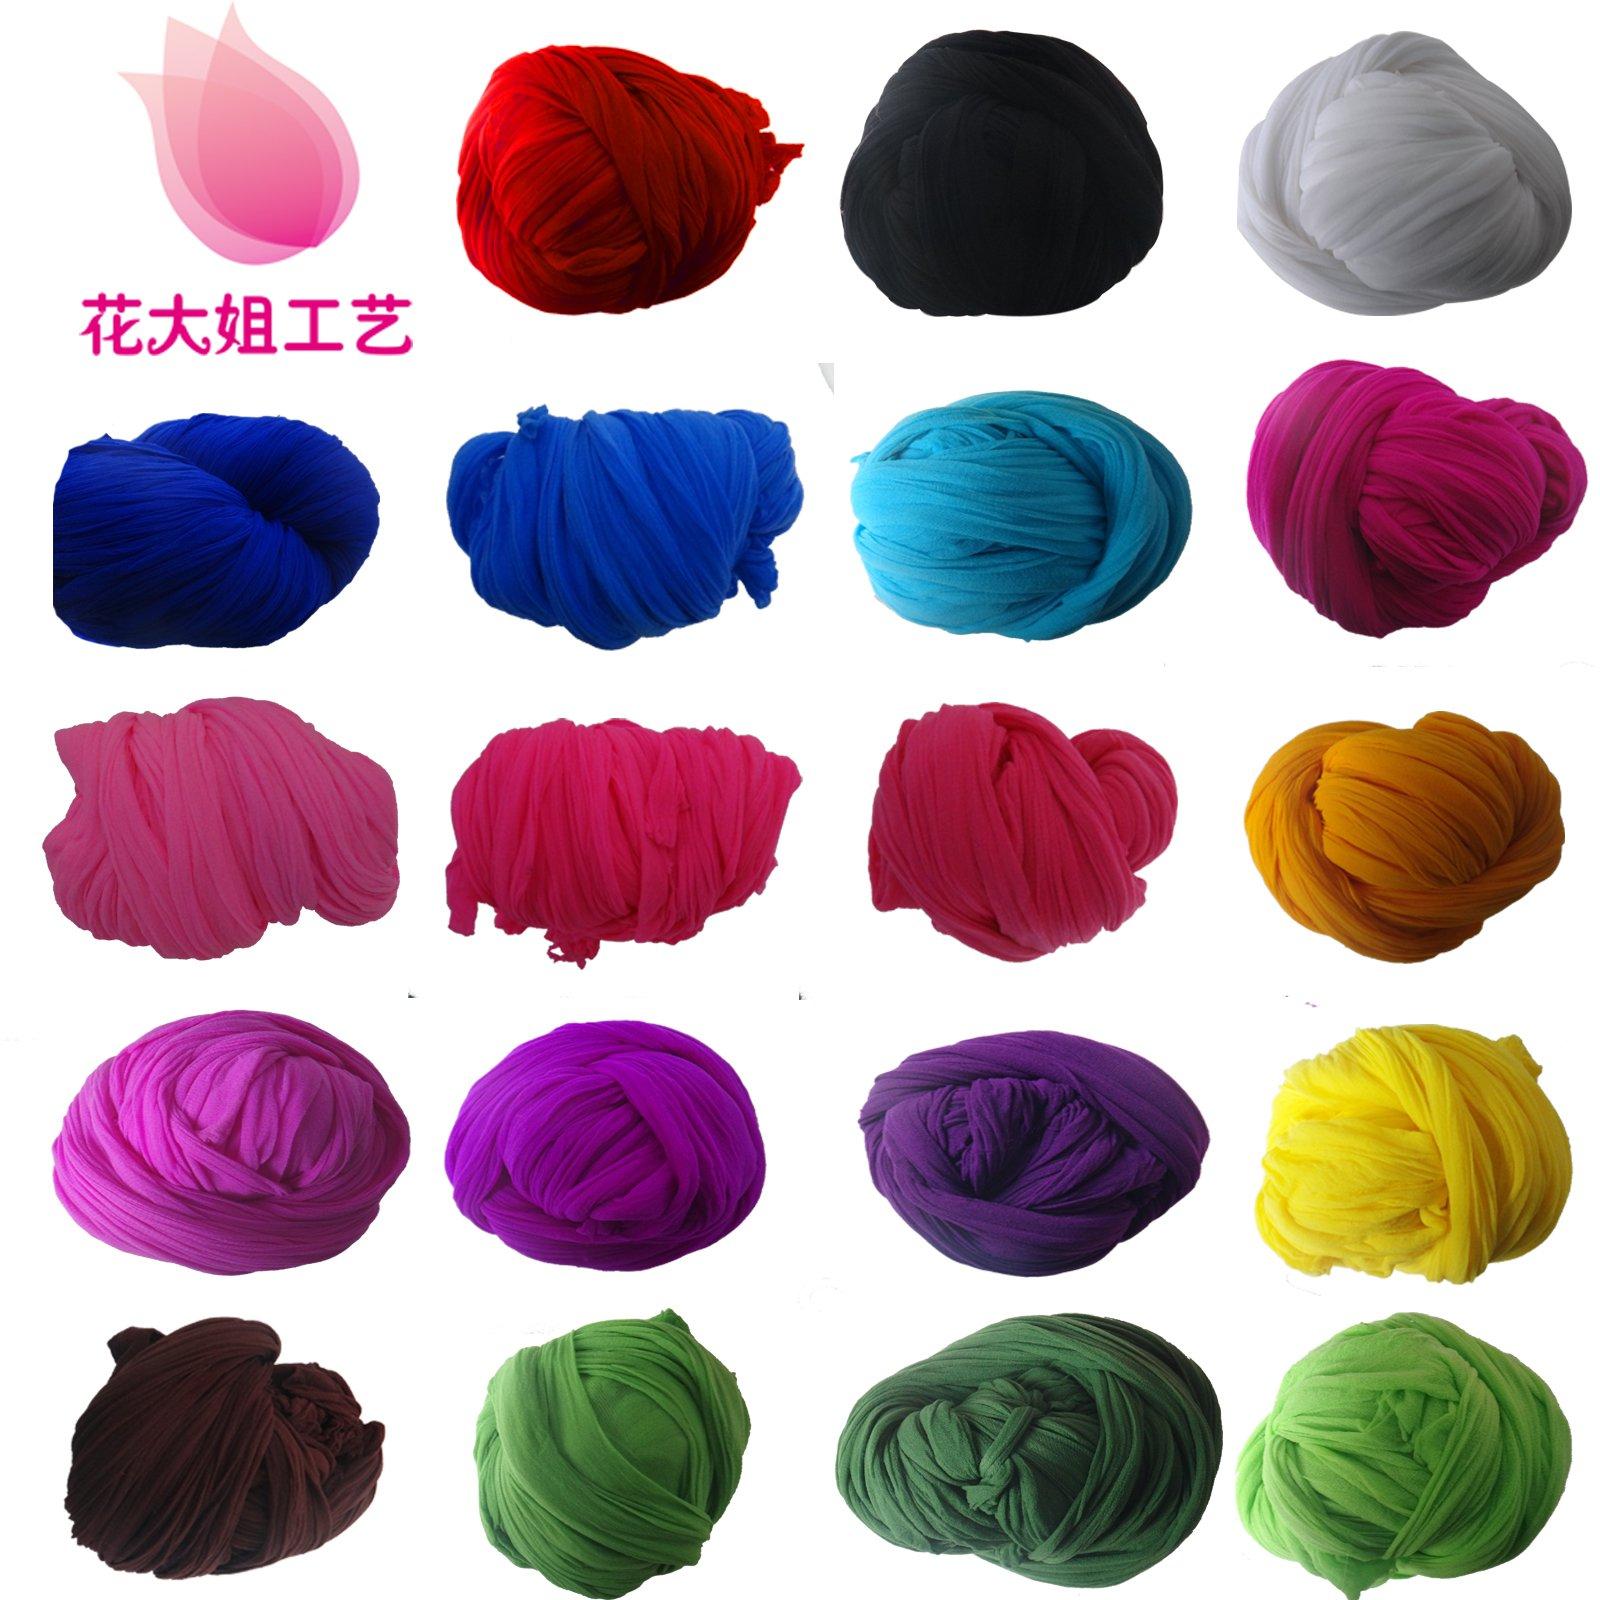 丝网花材料批发 丝袜花 DIY手工制作 单色丝网常用1-44号